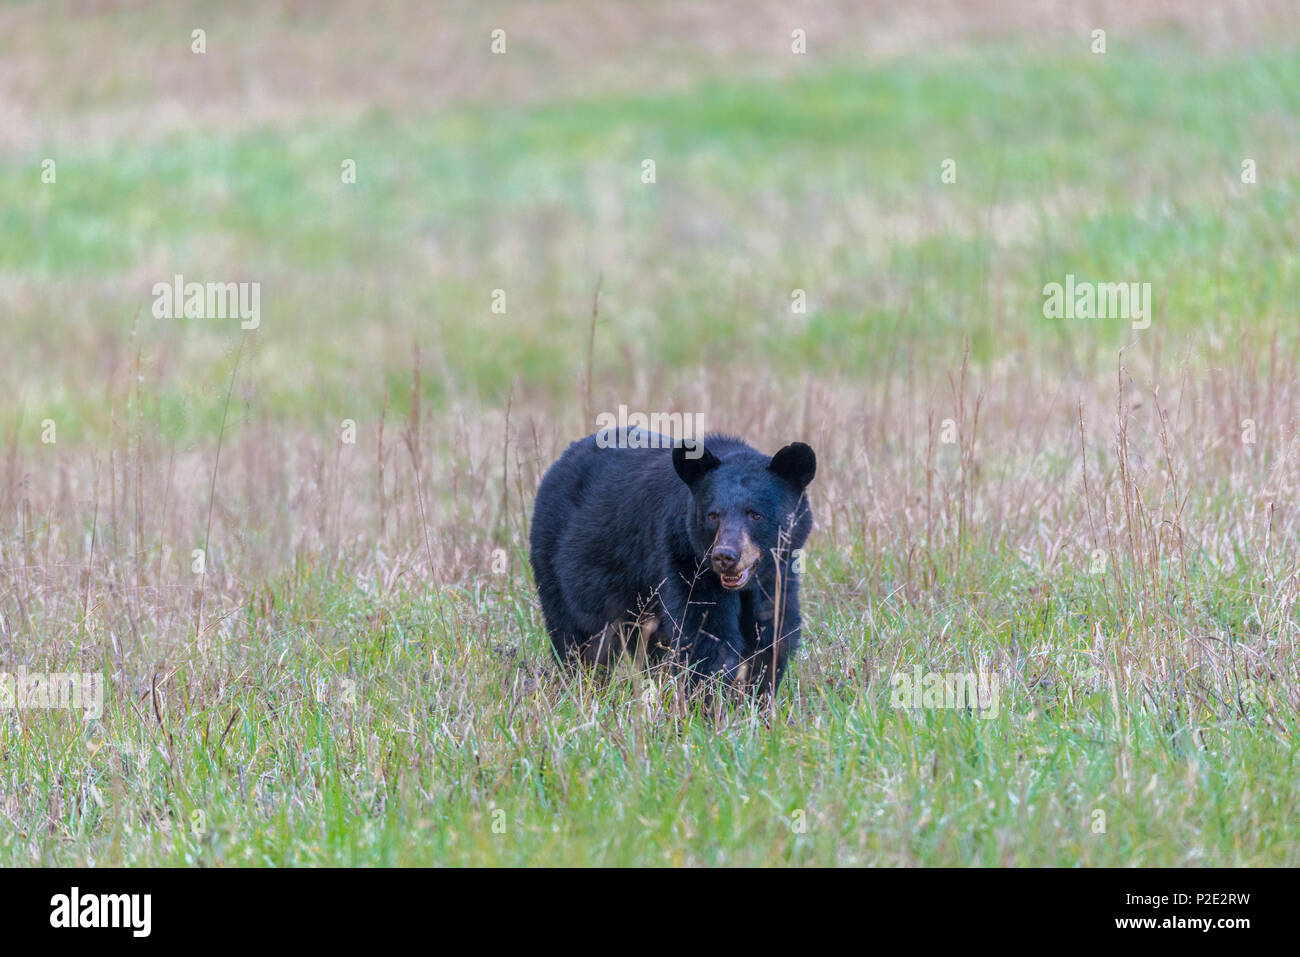 Un oso negro norteamericano de pie en un campo en las Montañas Humeantes con espacio de copia. Él está mirando hacia la cámara. Imagen De Stock